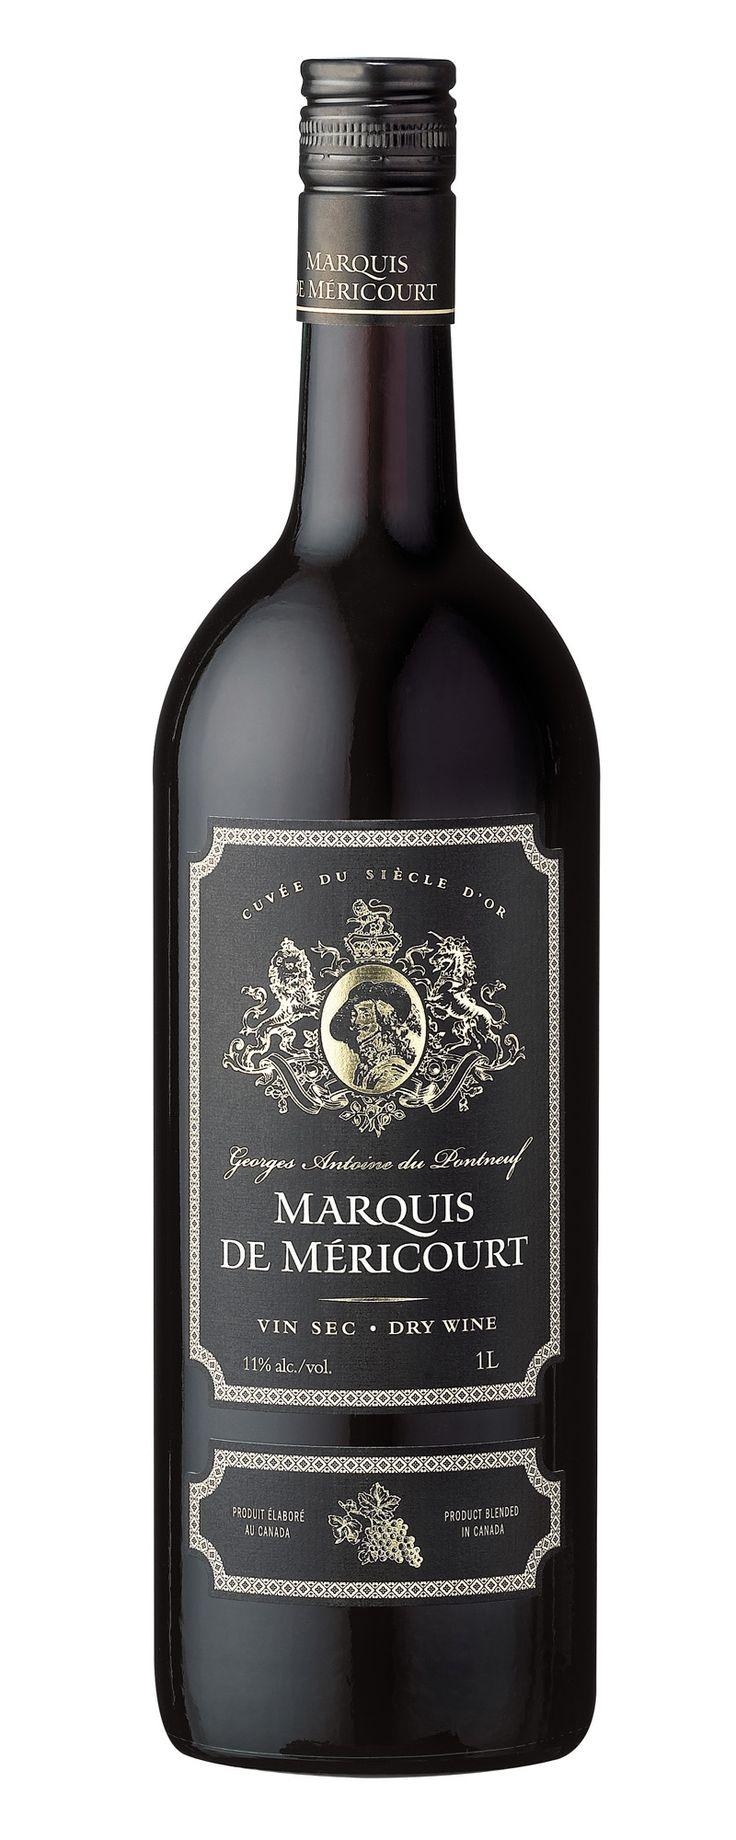 MARQUIS DE MÉRICOURT – Rouge tel est l'autre noblesse de nos marchés! Un vin rouge  dont sa robe est judicieuse avec une vivacité forte agréable. On retrouve des arômes fruités  de fruits rouges. En bouche il a une finesse et de fraîcheur. Sec et franc, il a une texture quasi grasse. La température de service se situe entre 14°C &: 16°C / Degré d'alcool 11,0 %